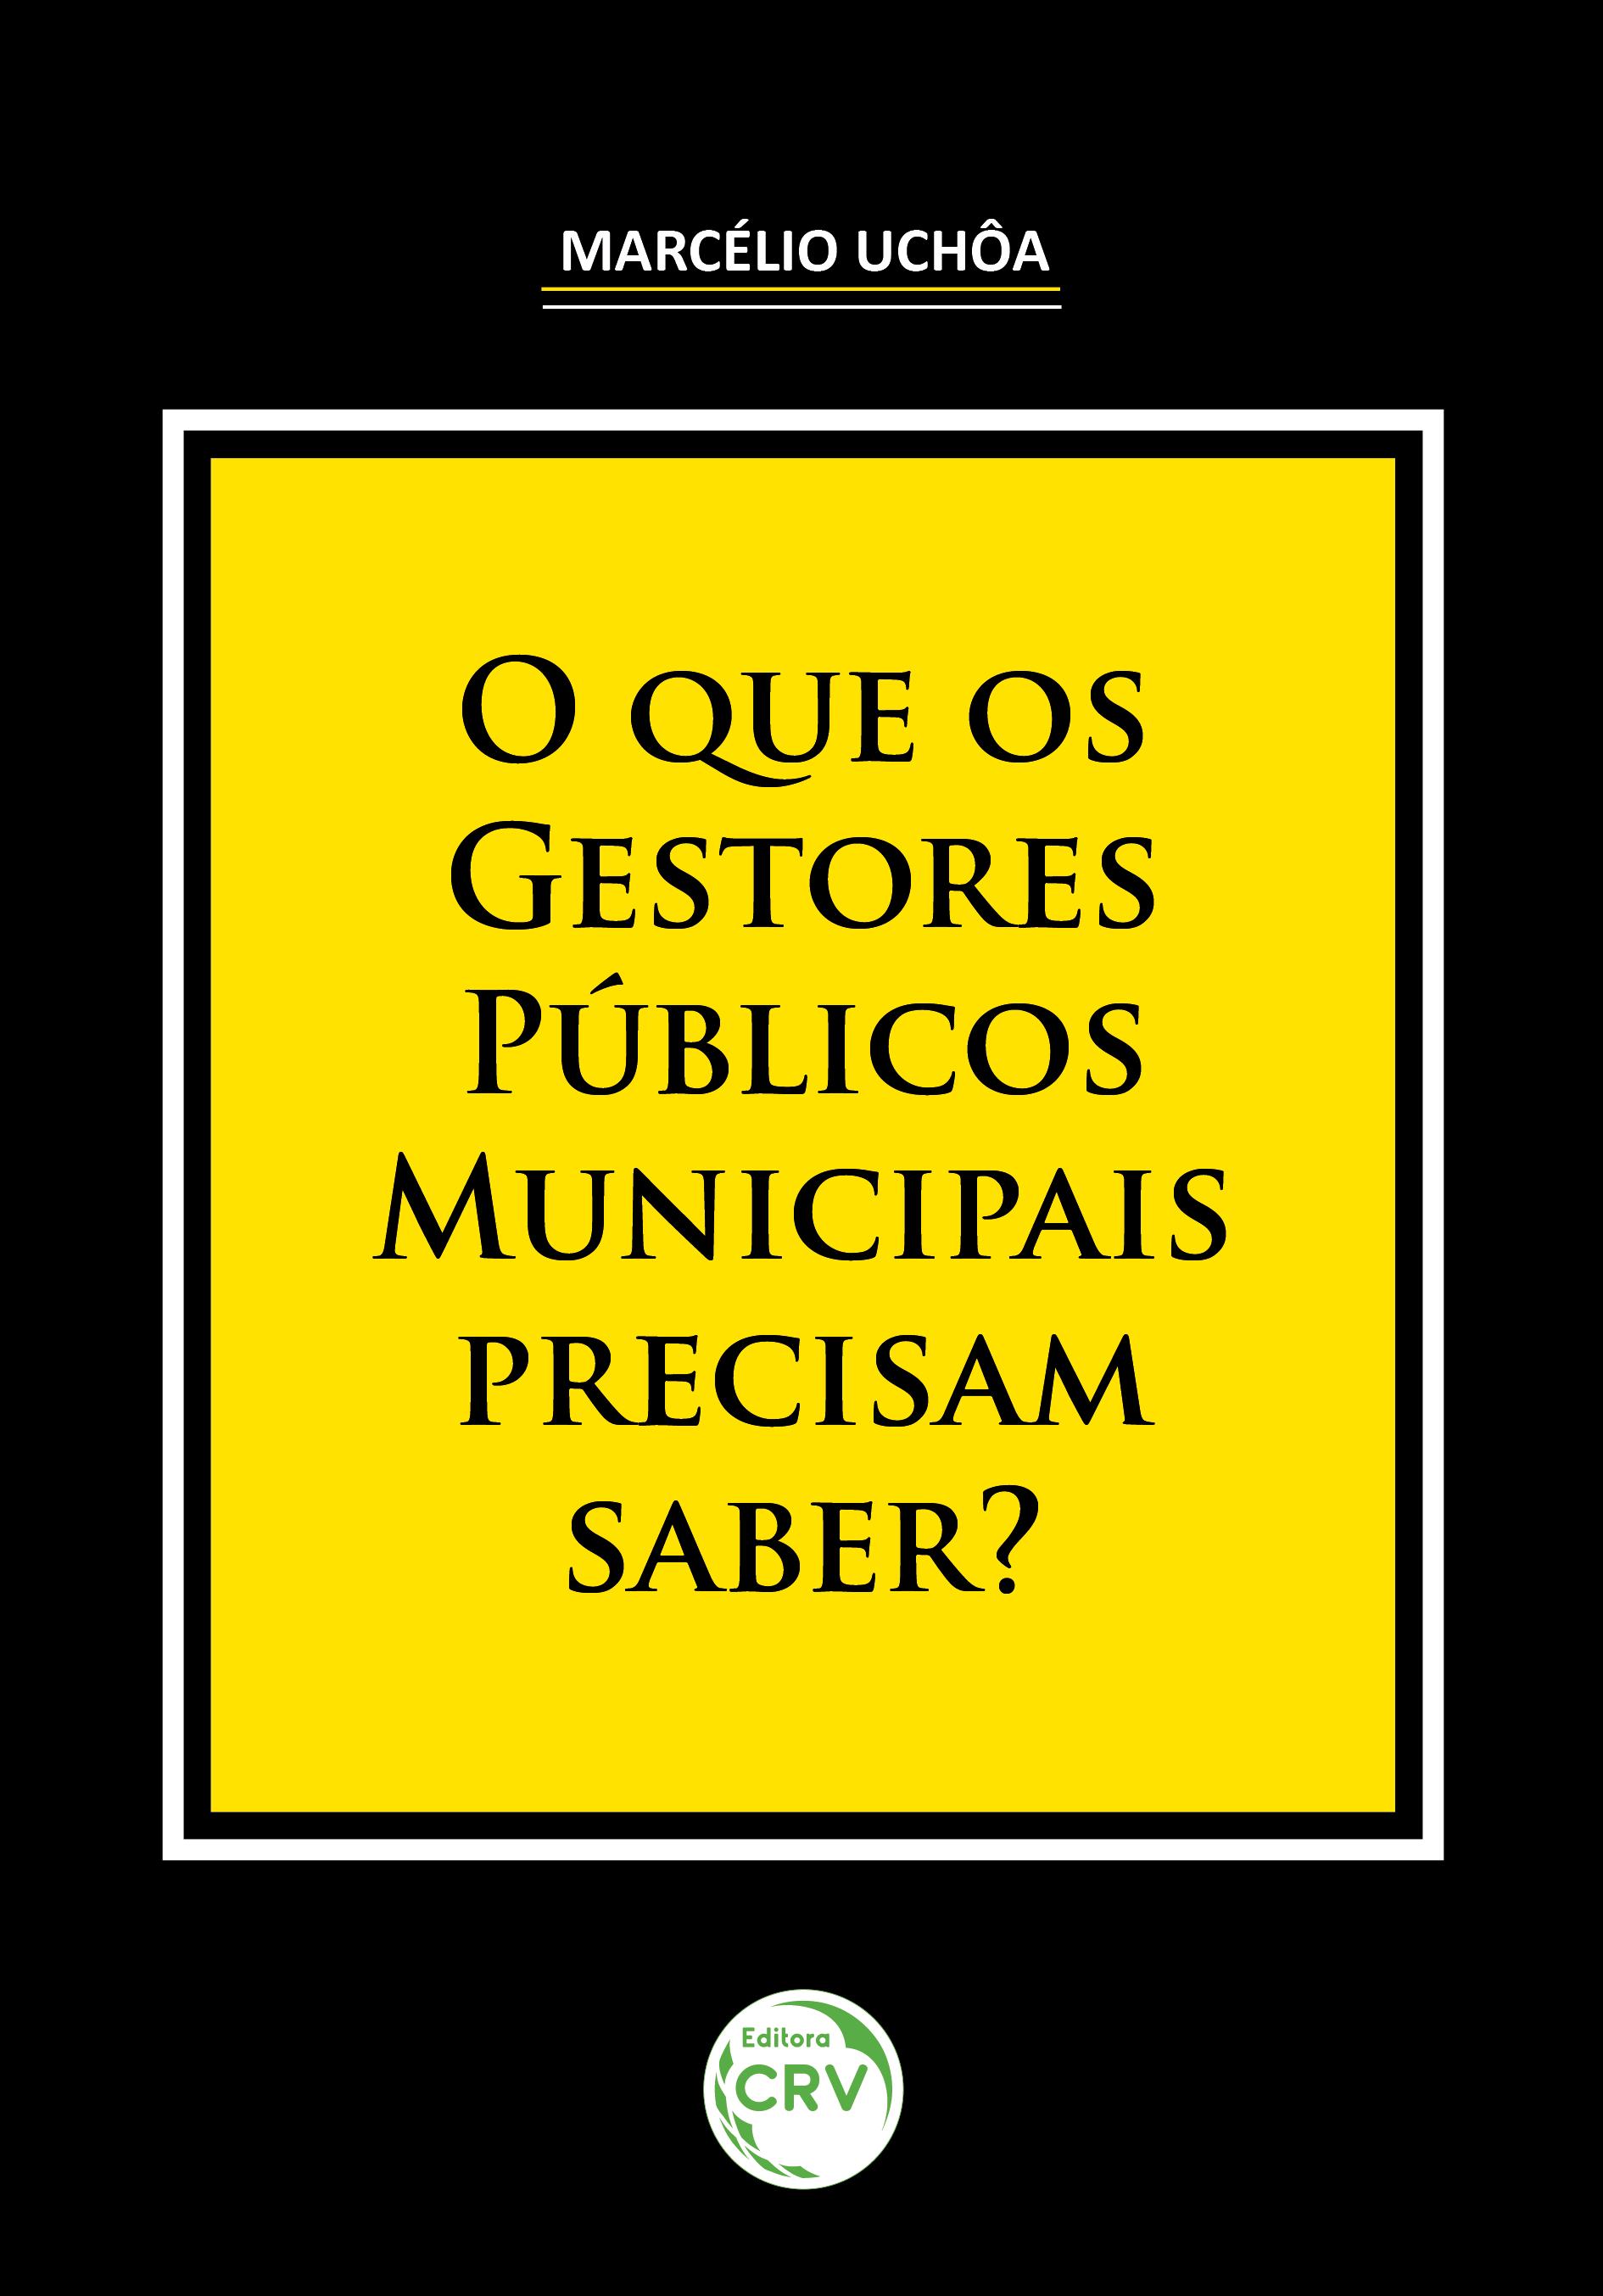 Capa do livro: O QUE OS GESTORES PÚBLICOS MUNICIPAIS PRECISAM SABER?